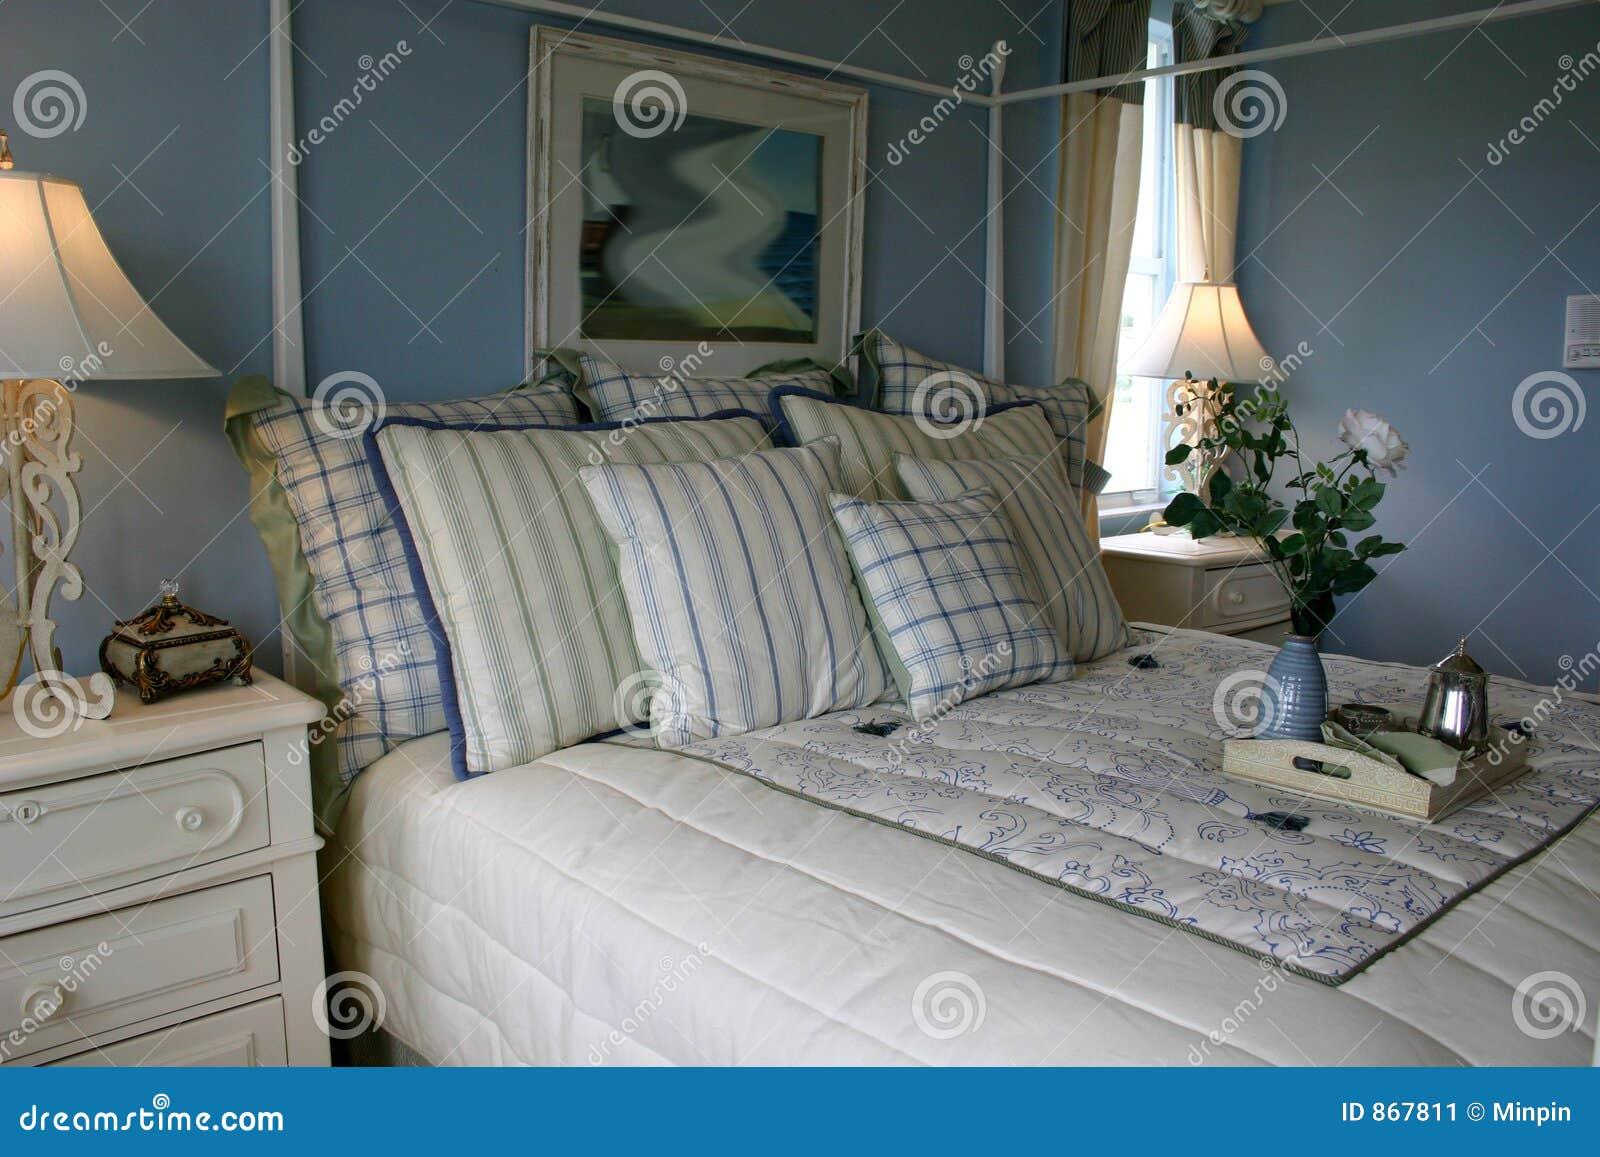 Camera da letto blu immagine stock immagine 867811 - Pareti blu camera da letto ...